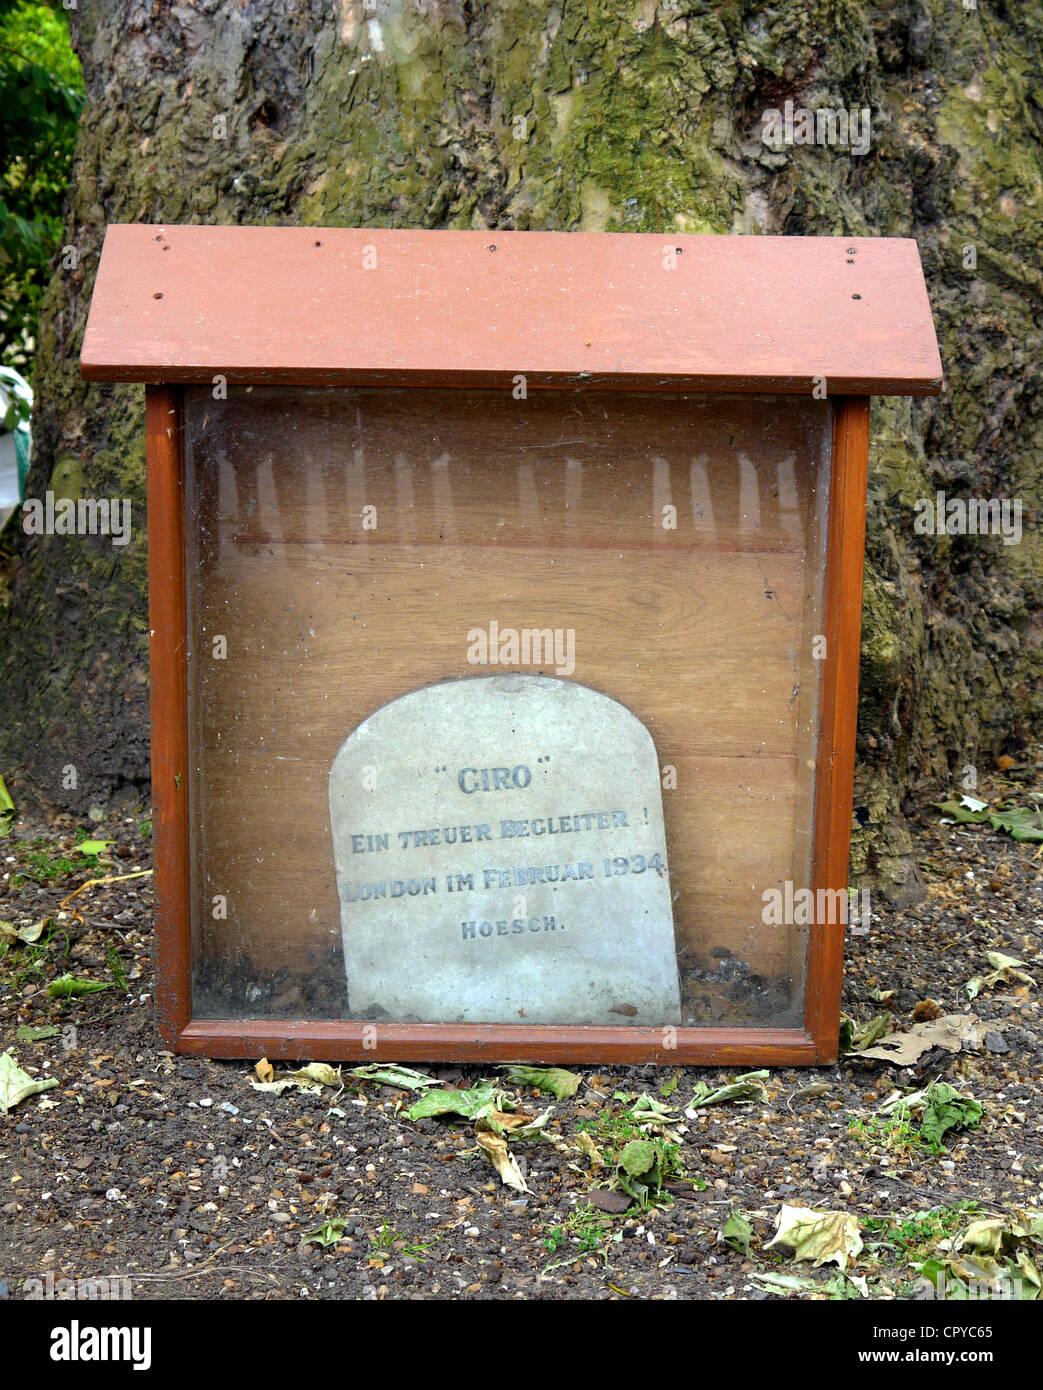 Giro el perro Nazi es el único monumento nazi alemán en Londres. Imagen De Stock